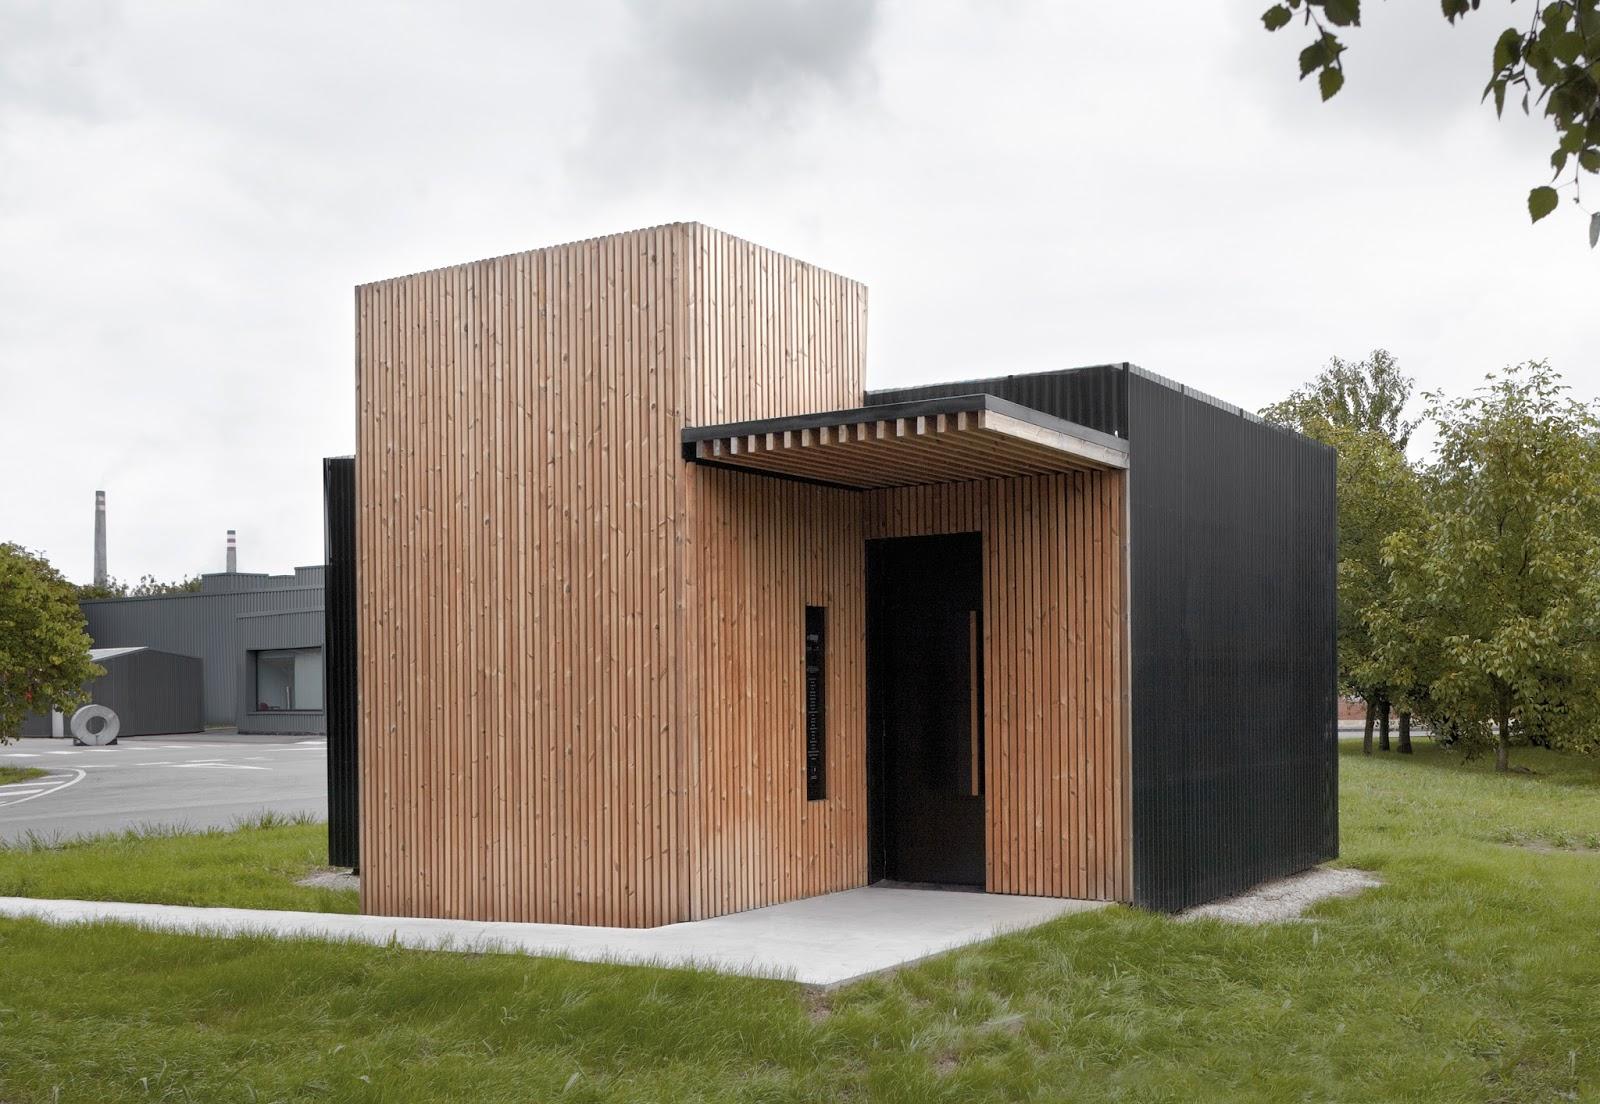 Marcel benedito el blog de dise o de interiores casas - Precio de modulos prefabricados ...